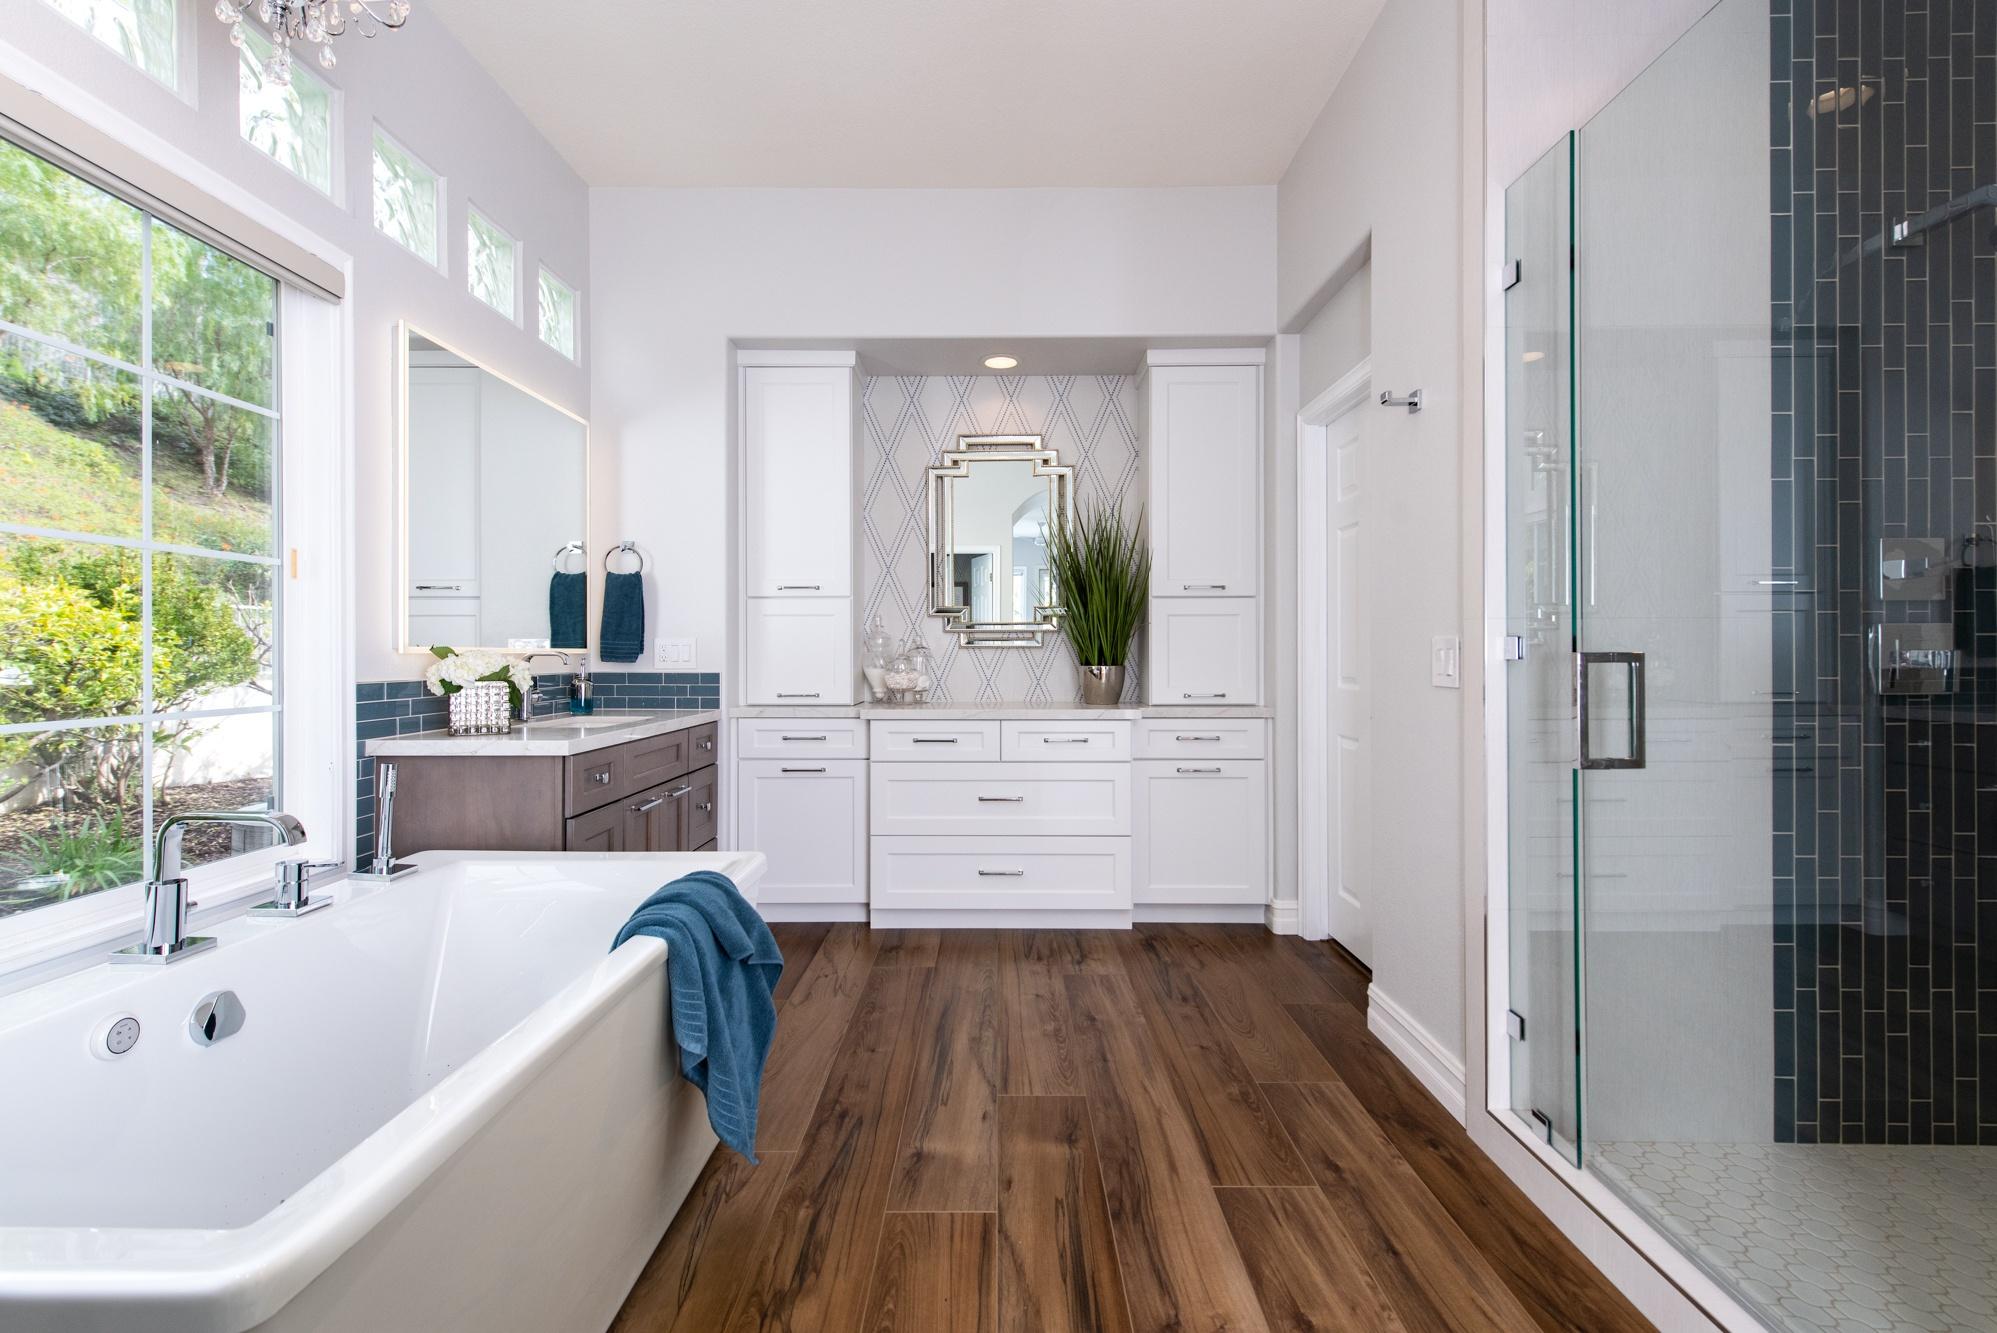 Luxury-vinyl-flooring-in-Rancho-Santa-Margarita-master-bathroom-renovation